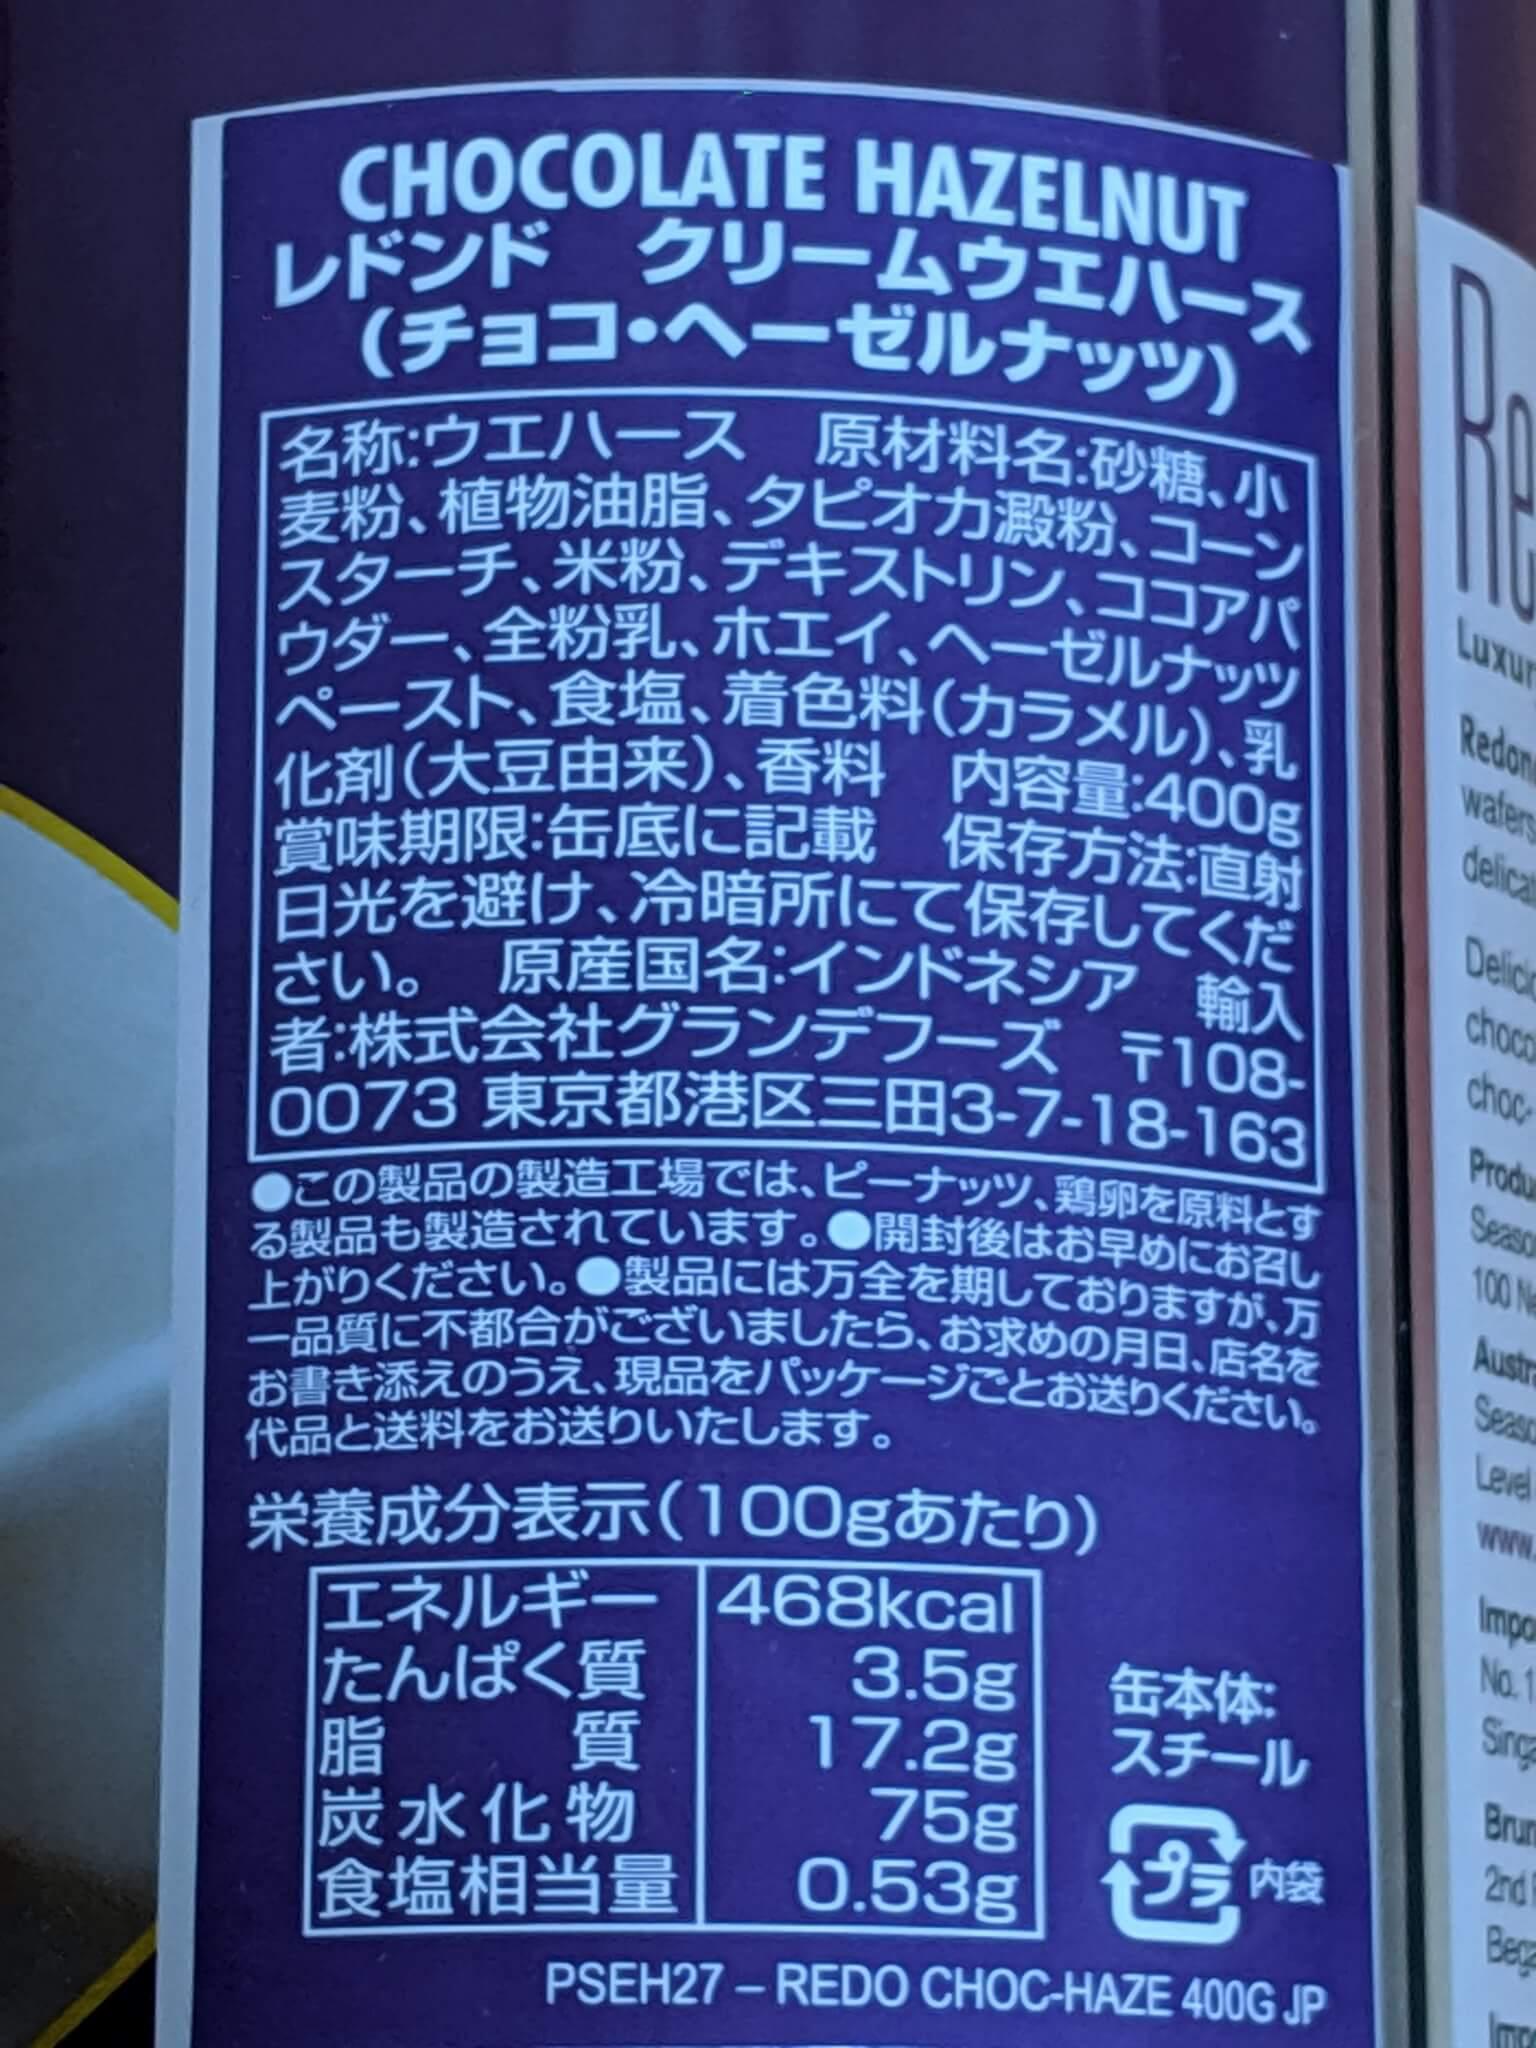 レドンドクリームレドンドクリームウエハース(チョコ・ヘーゼルナッツ)の栄養成分表示